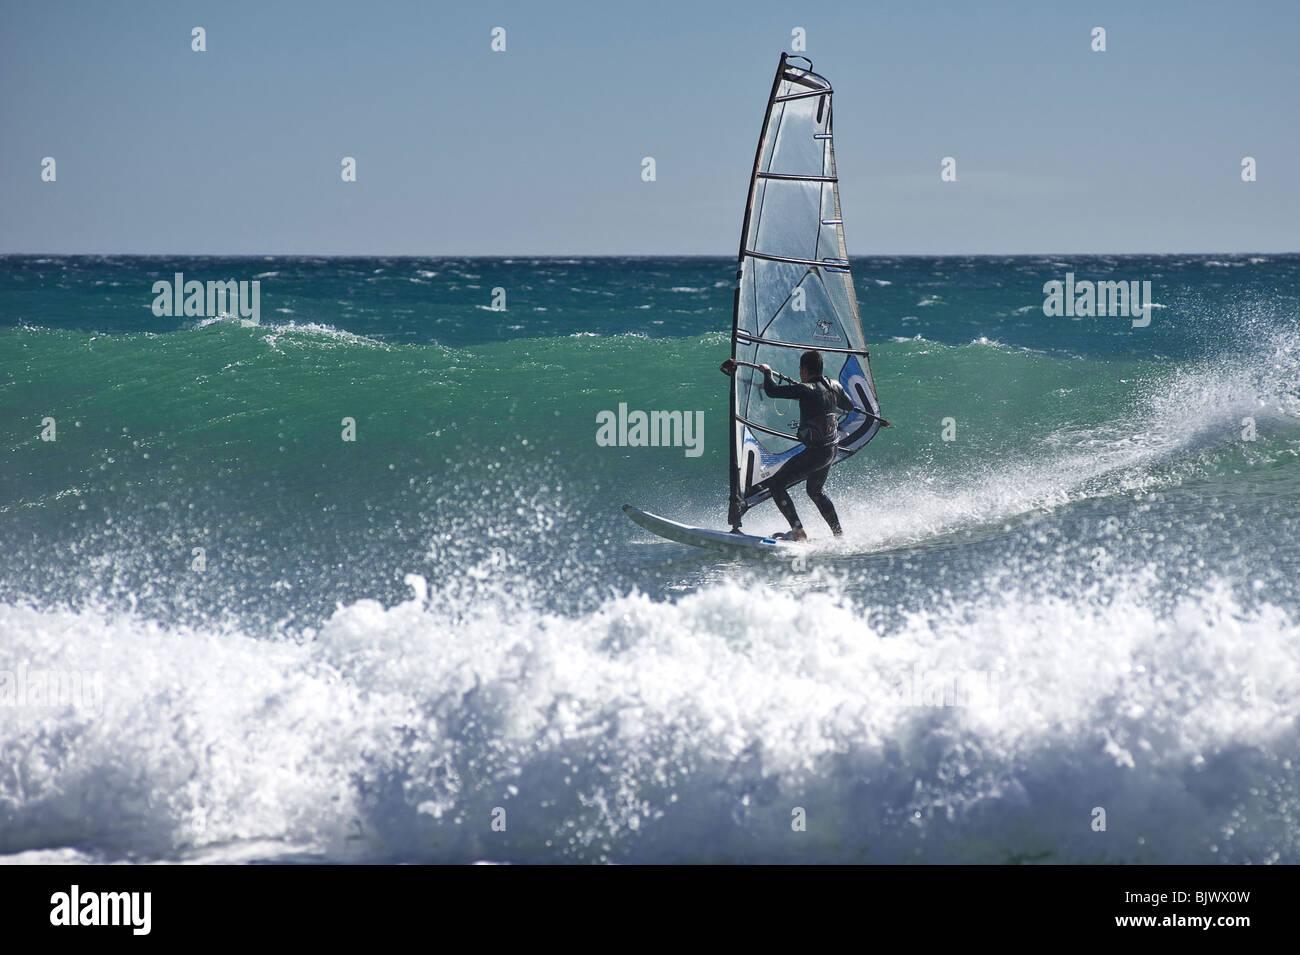 Windsurf nelle spiagge di Masnou, nelle vicinanze di Barcellona. Spagna. Immagini Stock